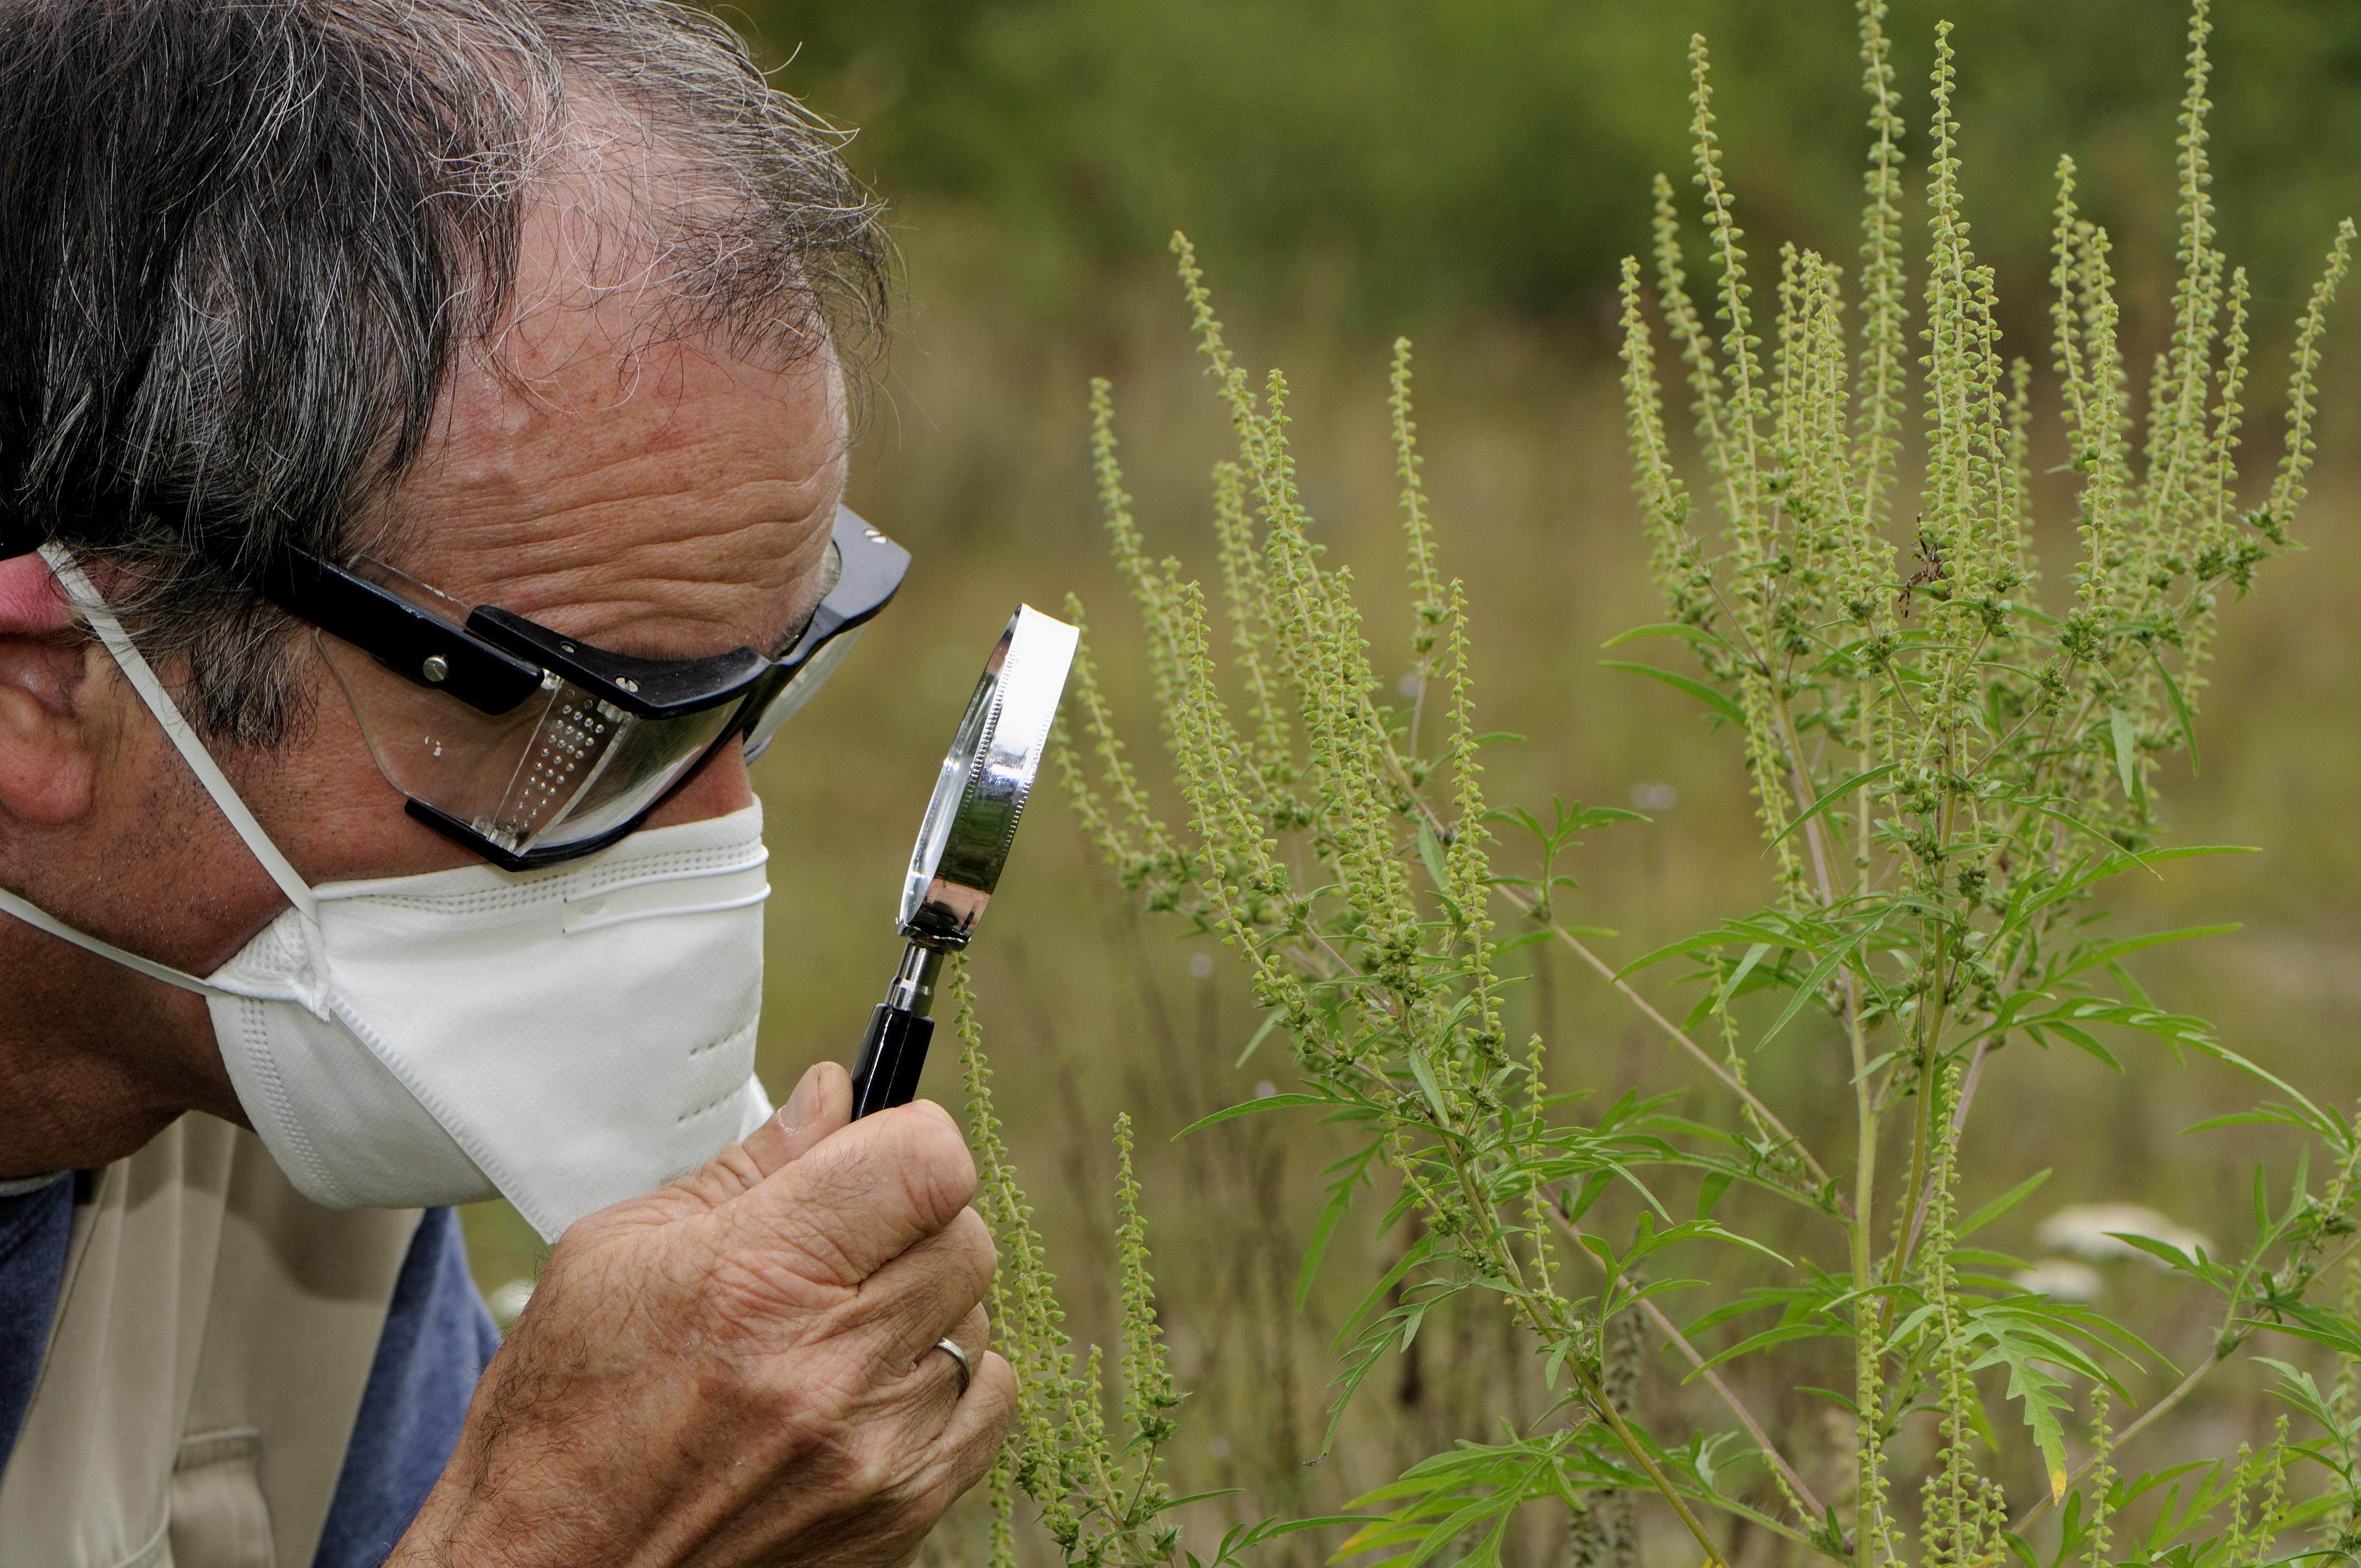 Decembertől kötelezően átvizsgálják majd a külföldről hazatérők csomagjait, hogy nem hoznak-e be valamilyen veszélyes növényt az országba